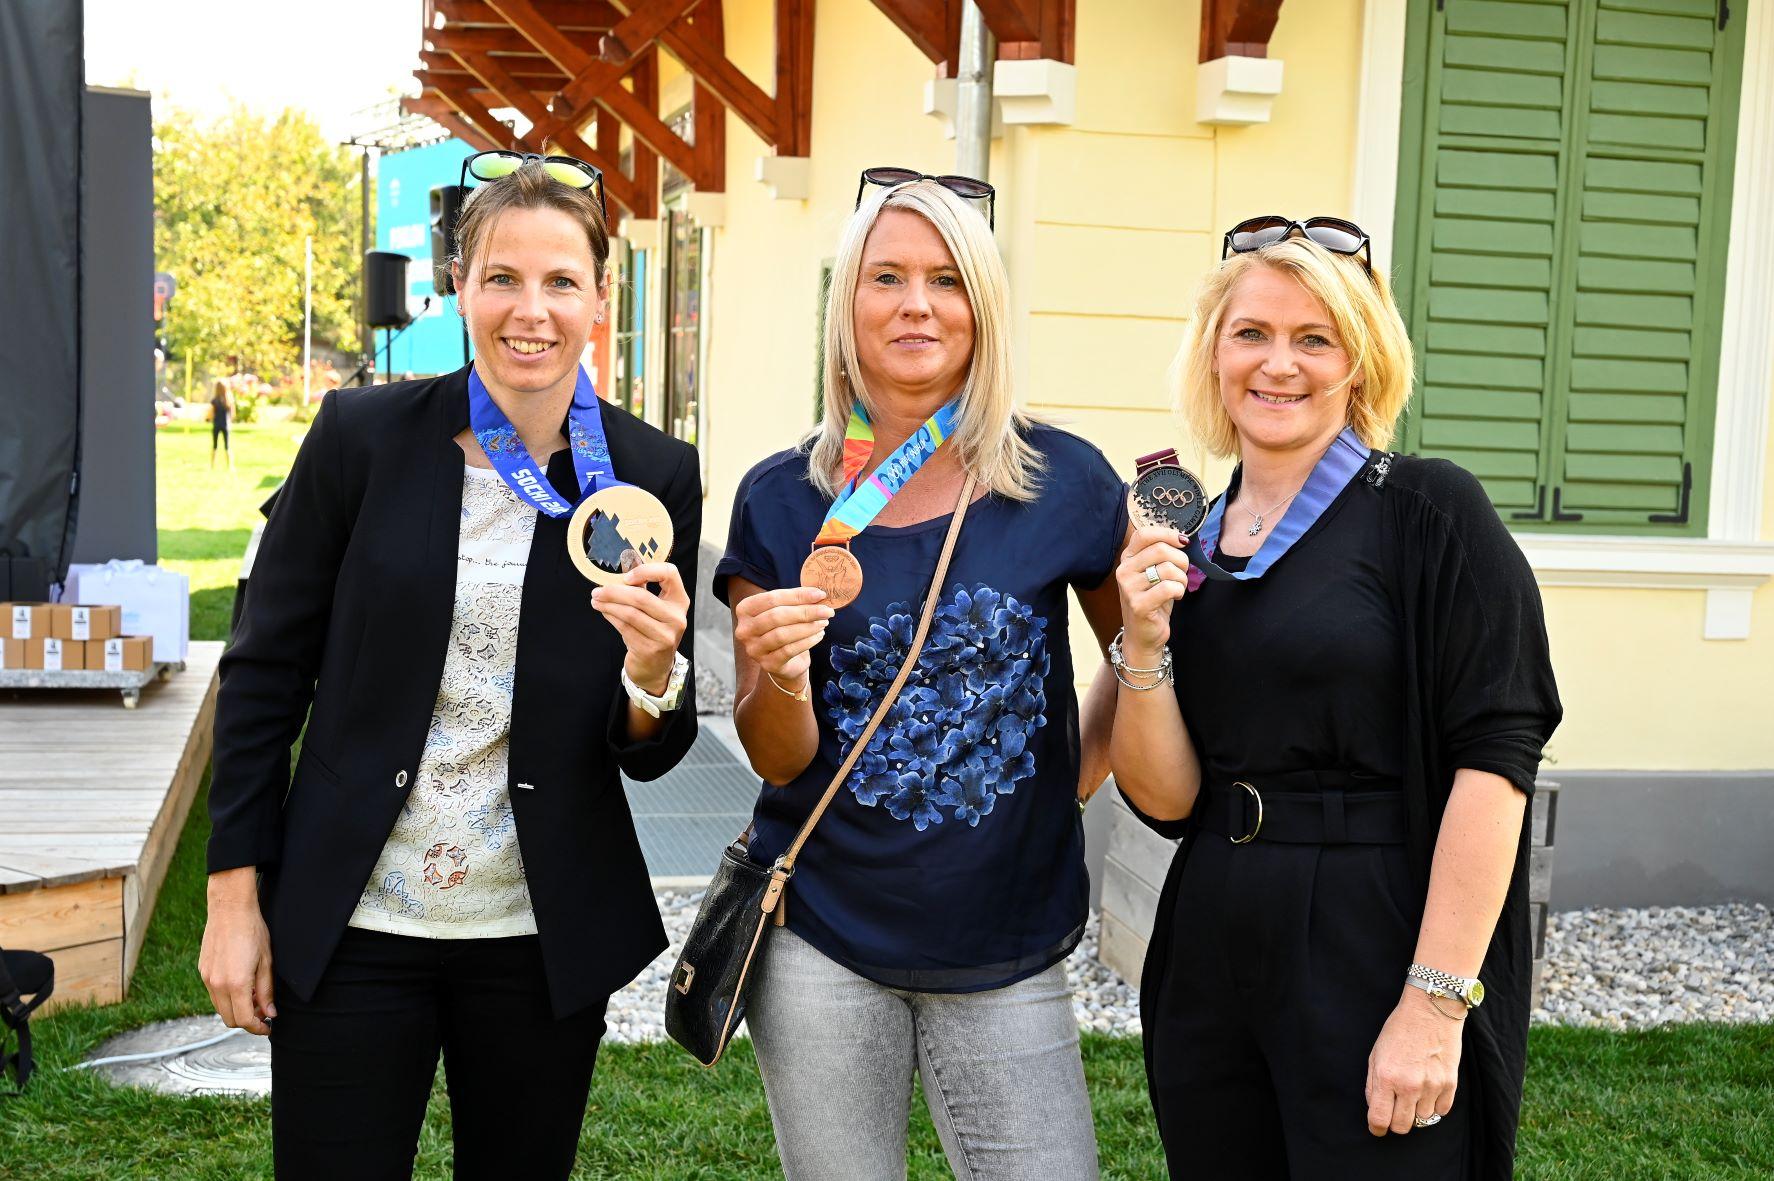 Poklon slovenskim olimpijkam in začinjena Ruska dača